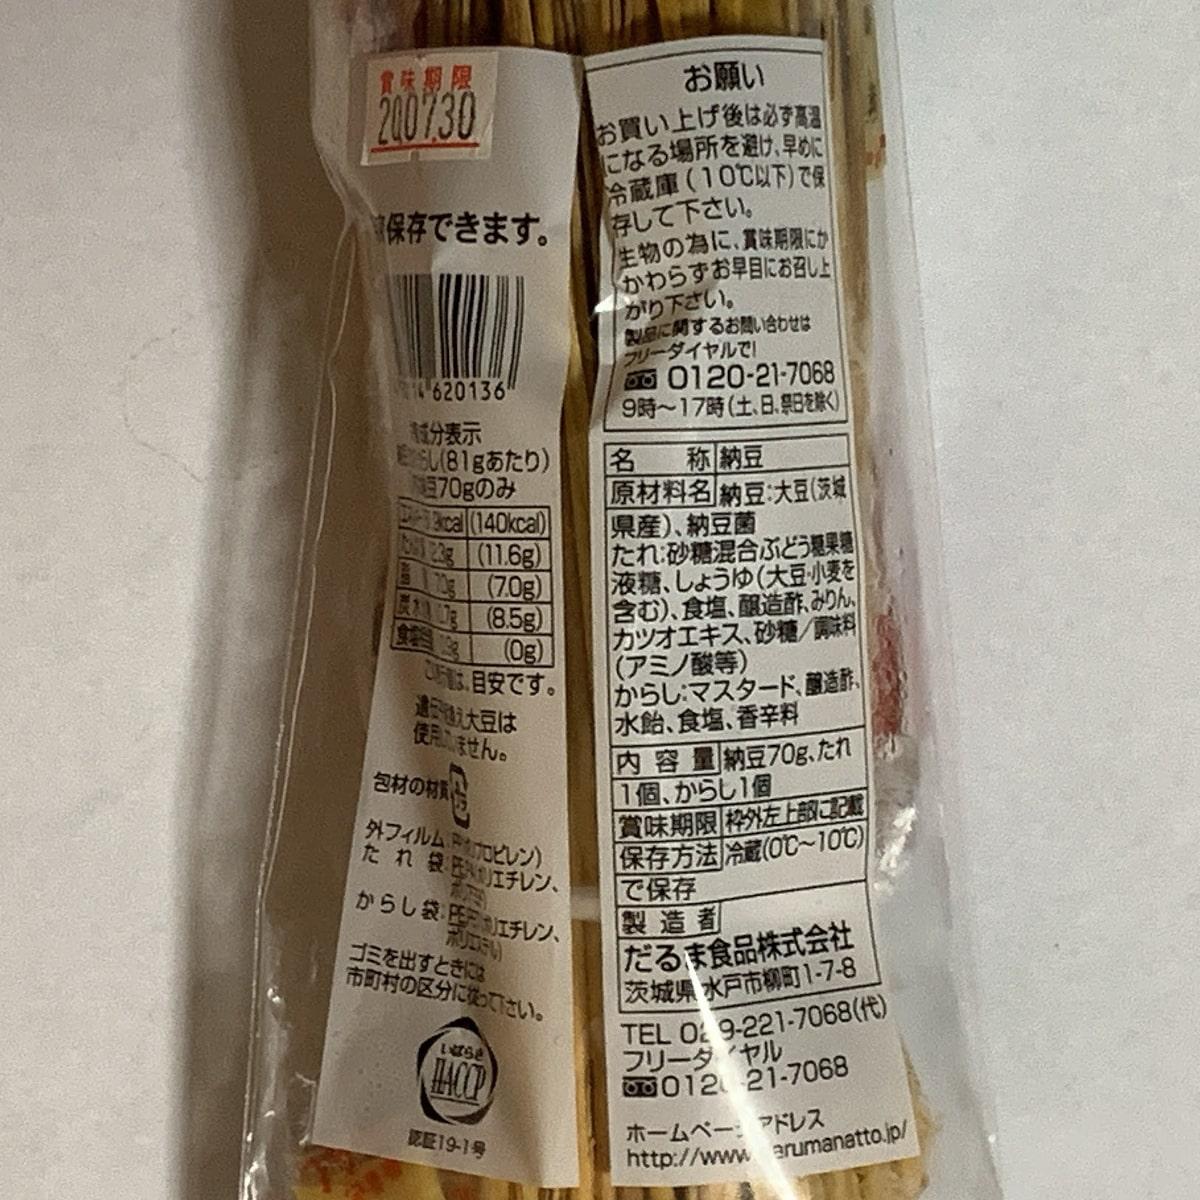 だるま食品「わら納豆」の材料名などの画像